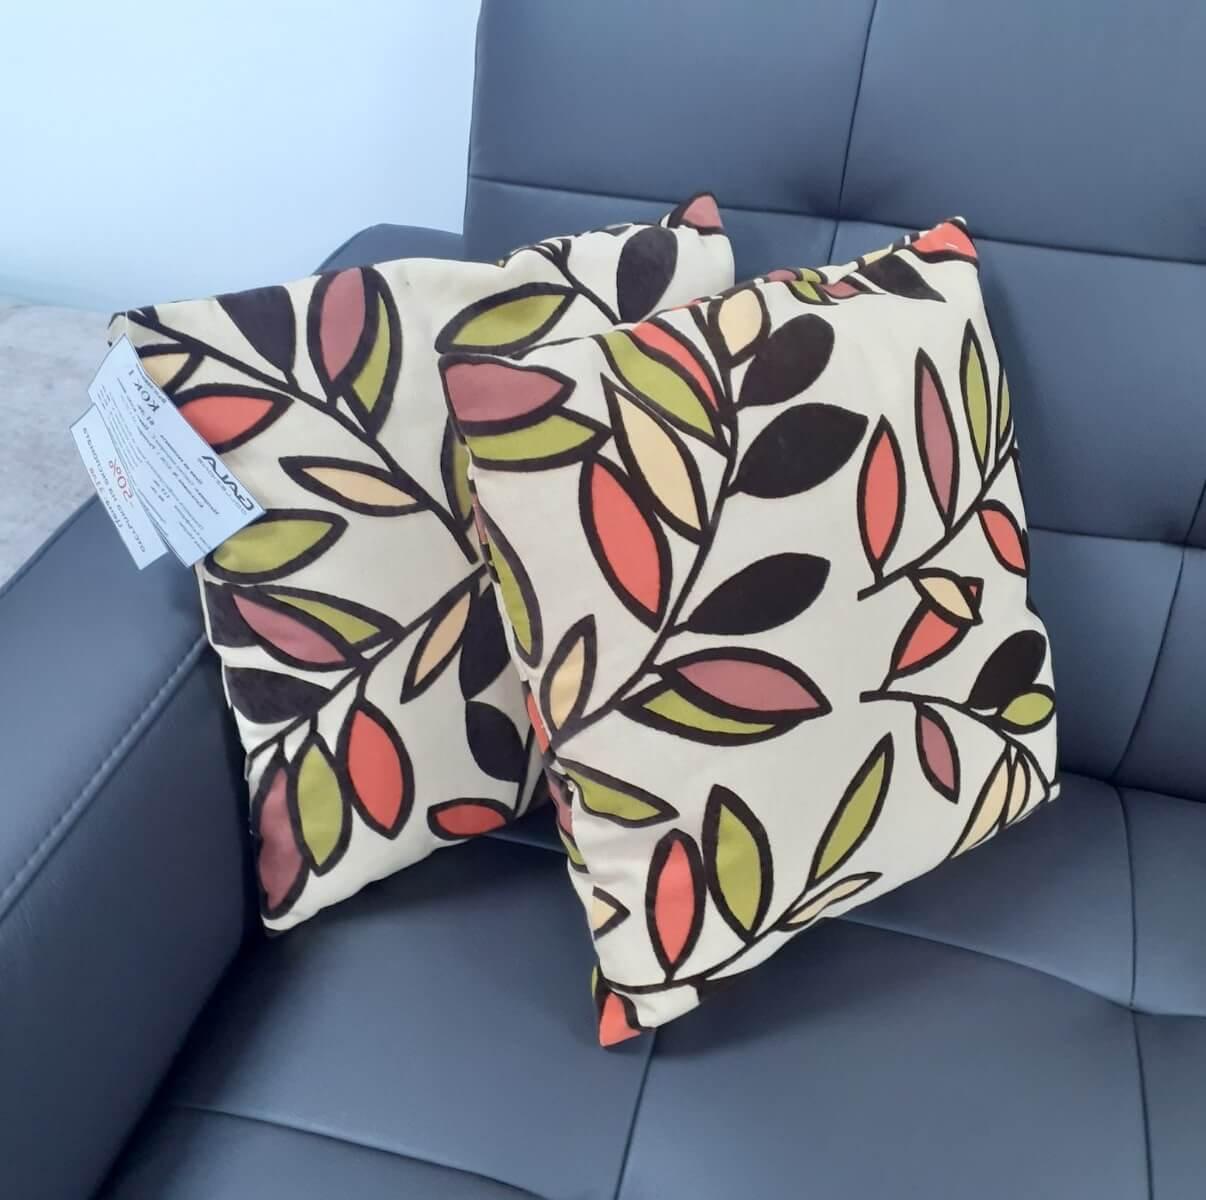 Възглавница KOK1 с листа, малка - мостра